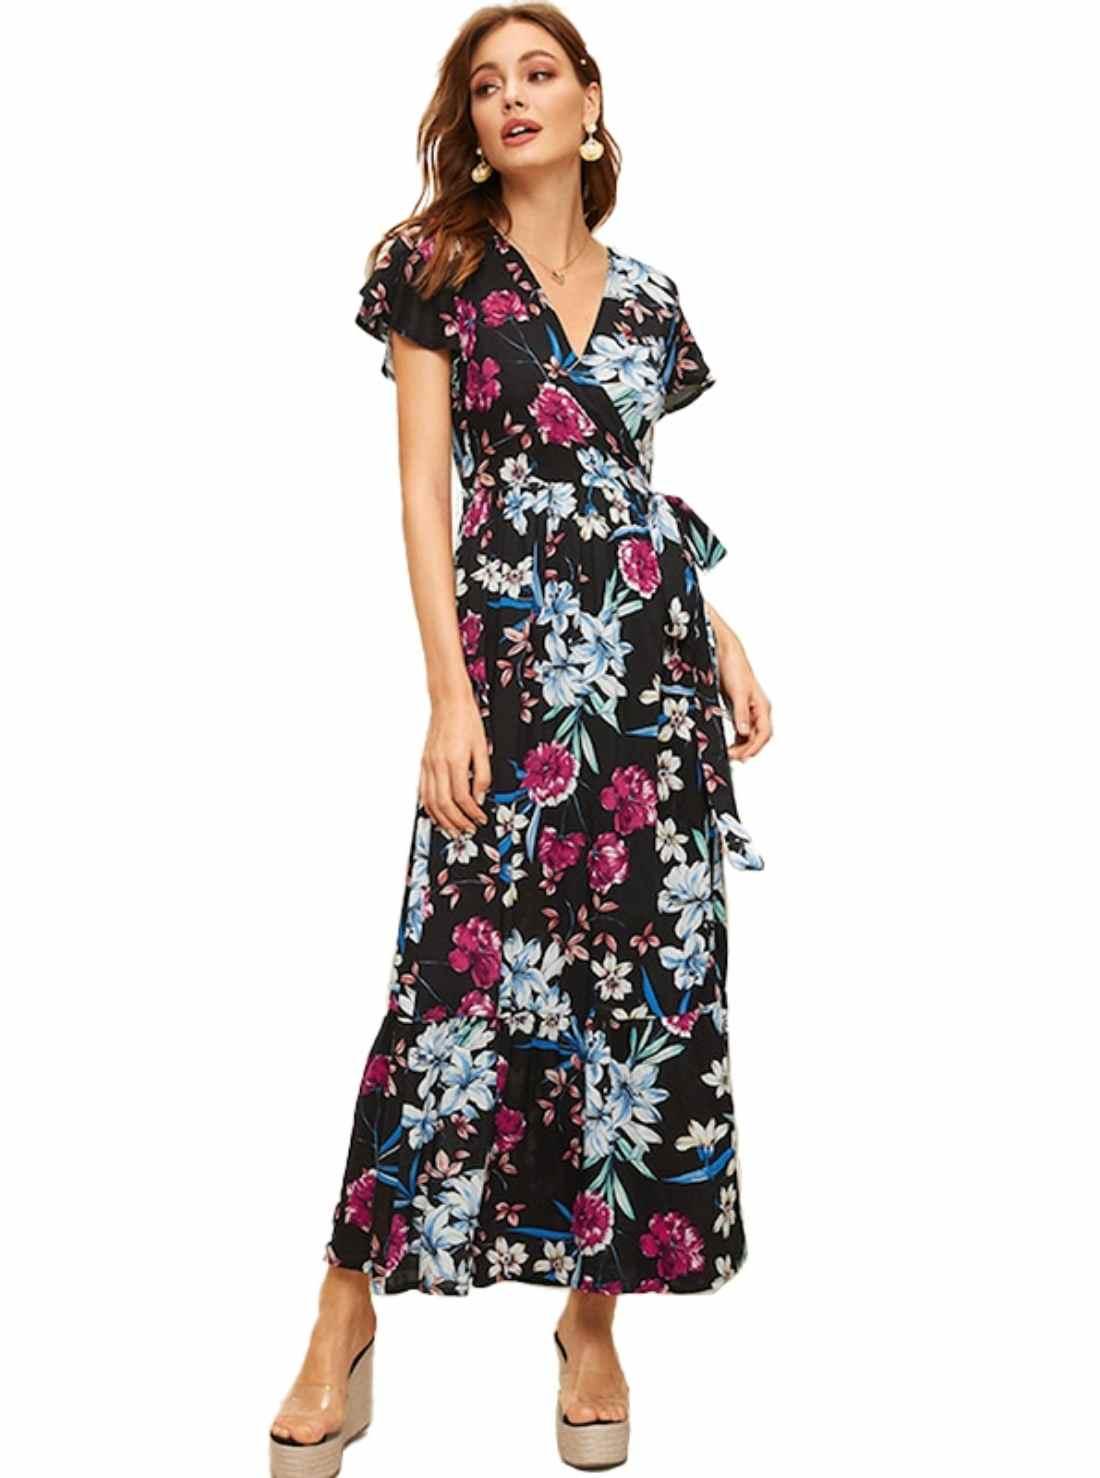 Wholesale Floral Cotton Dress